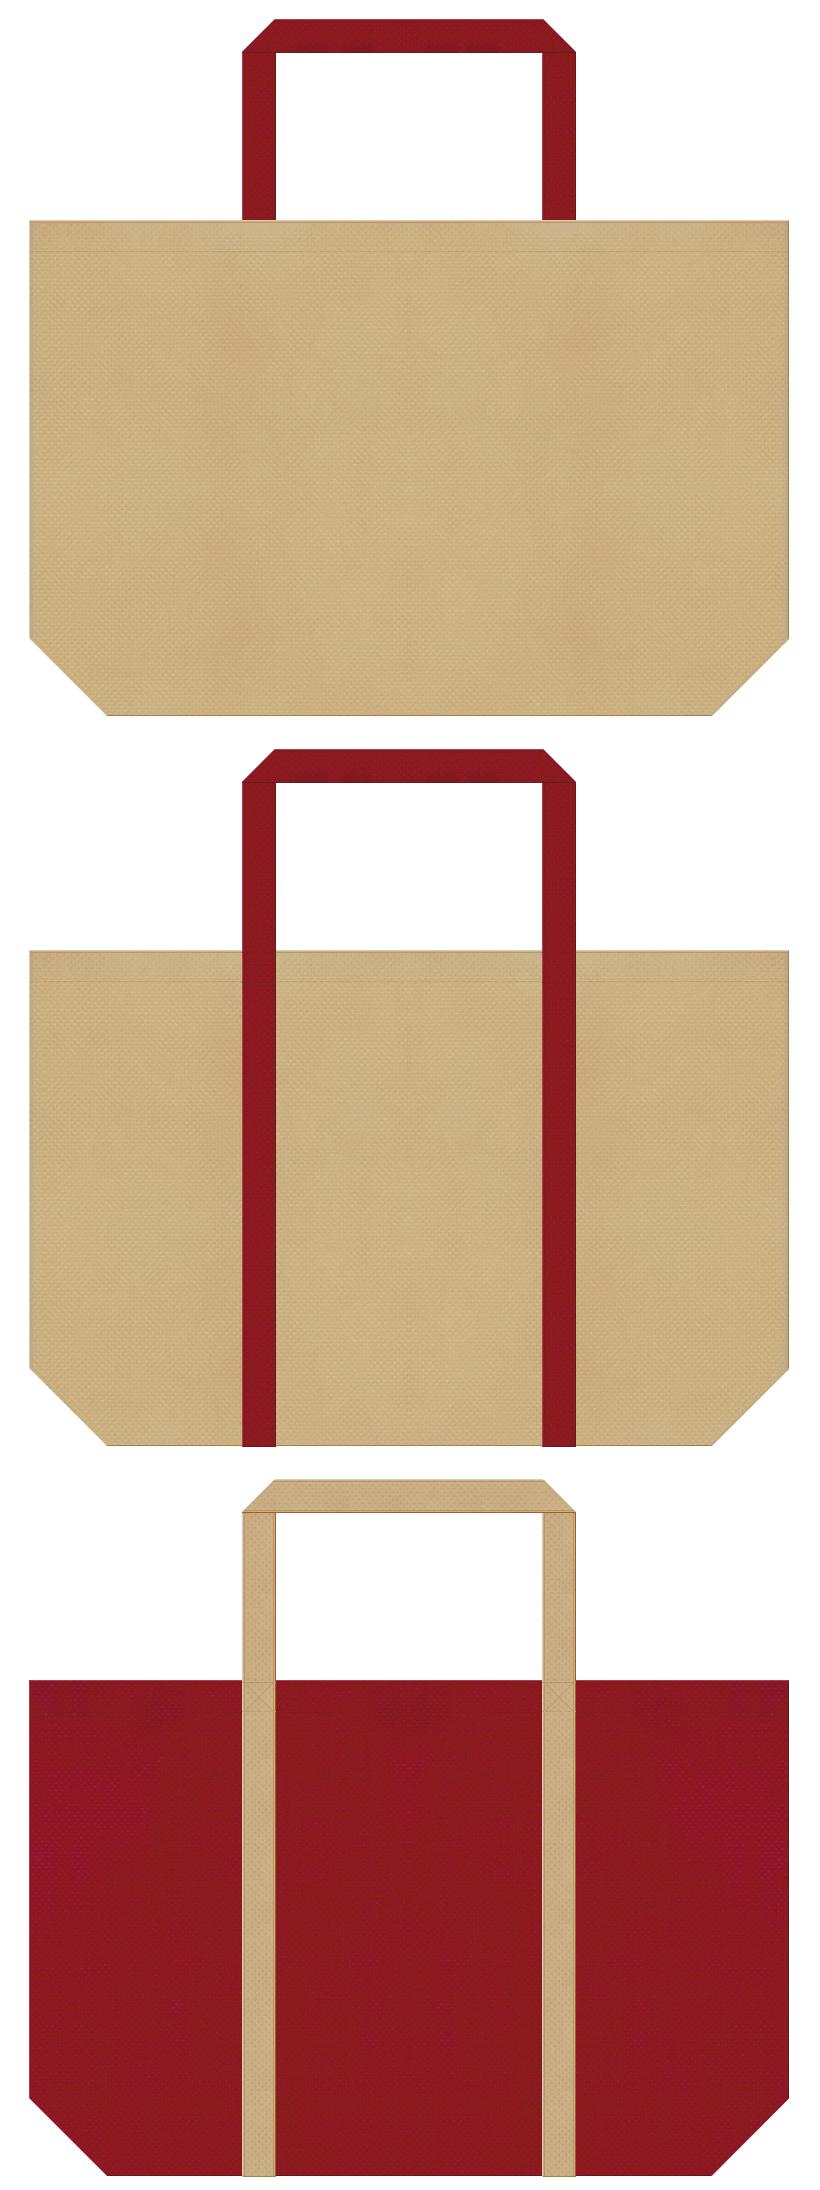 カーキ色とエンジ色の不織布バッグデザイン:和小物のショッピングバッグ、和風柄にお奨めの配色です。